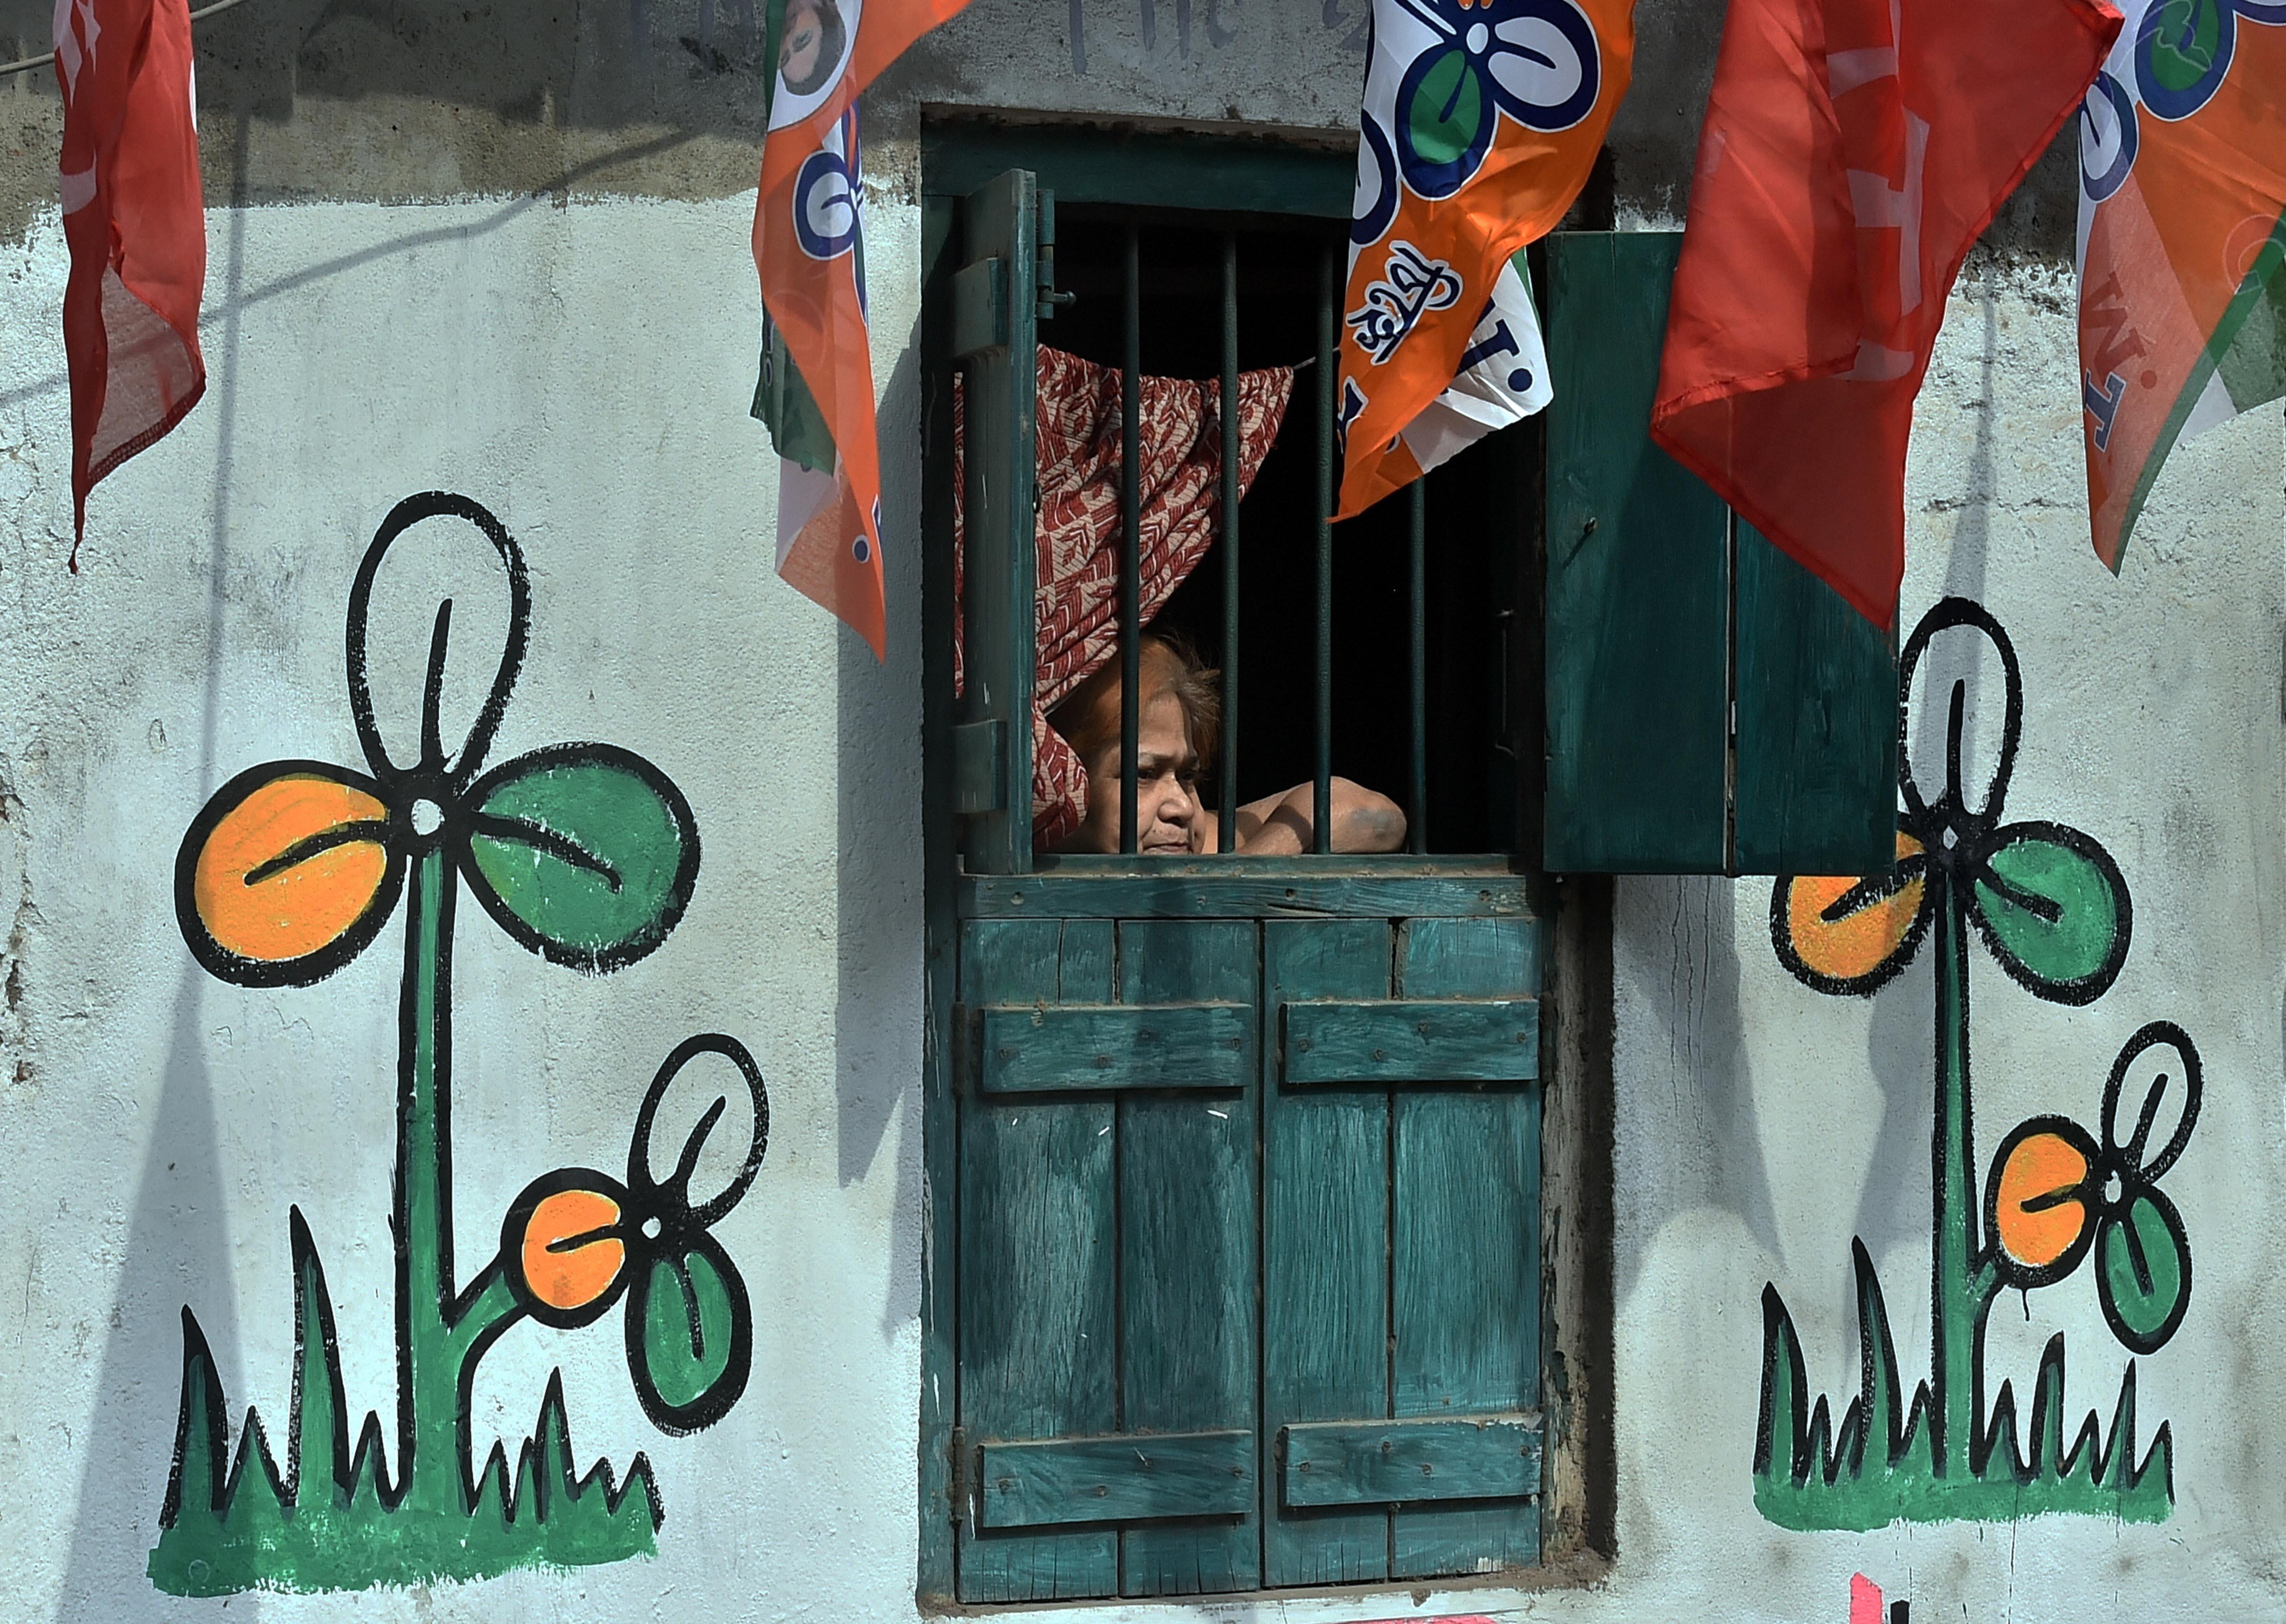 নন্দীগ্রাম - ২০১৬ সালের বিধানসভা নির্বাচনে জয়ী তৃণমূল। ২০১৯ সালের লোকসভা ভোটের নিরিখে এগিয়ে তৃণমূল। (ছবিটি প্রতীকী, সৌজন্য পিটিআই)